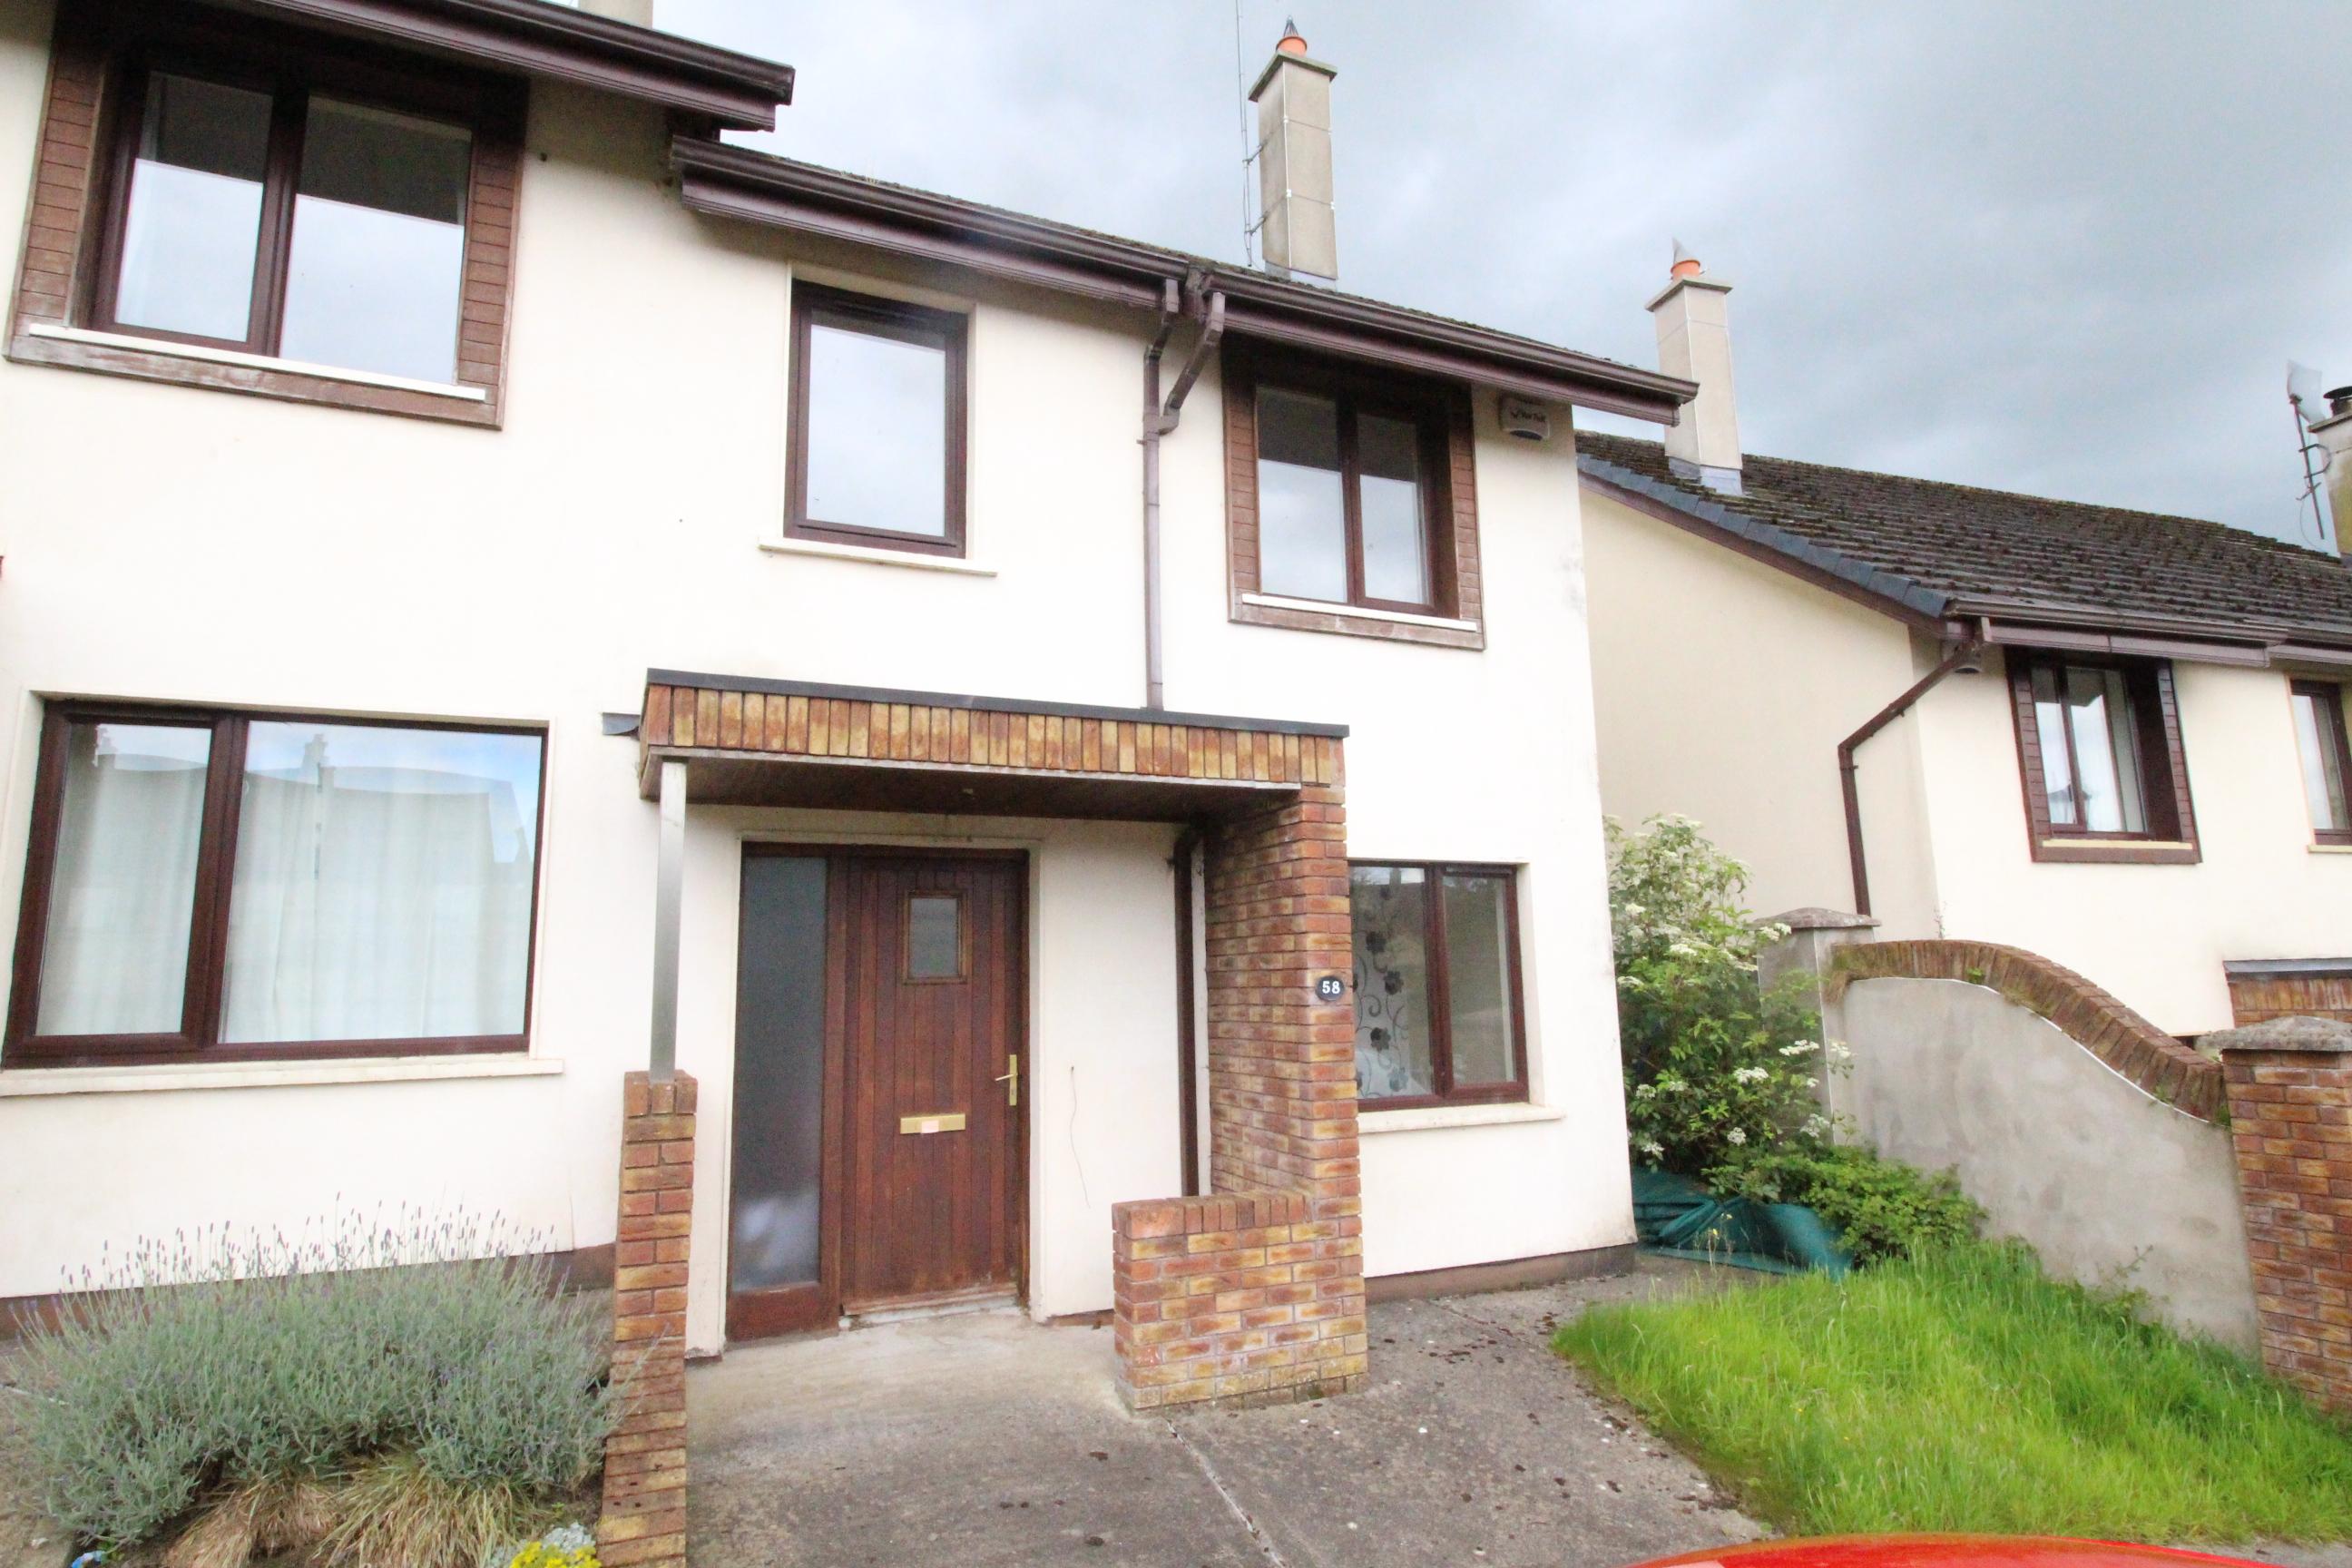 58 Caislean na hAbhann, Castletroy, Limerick